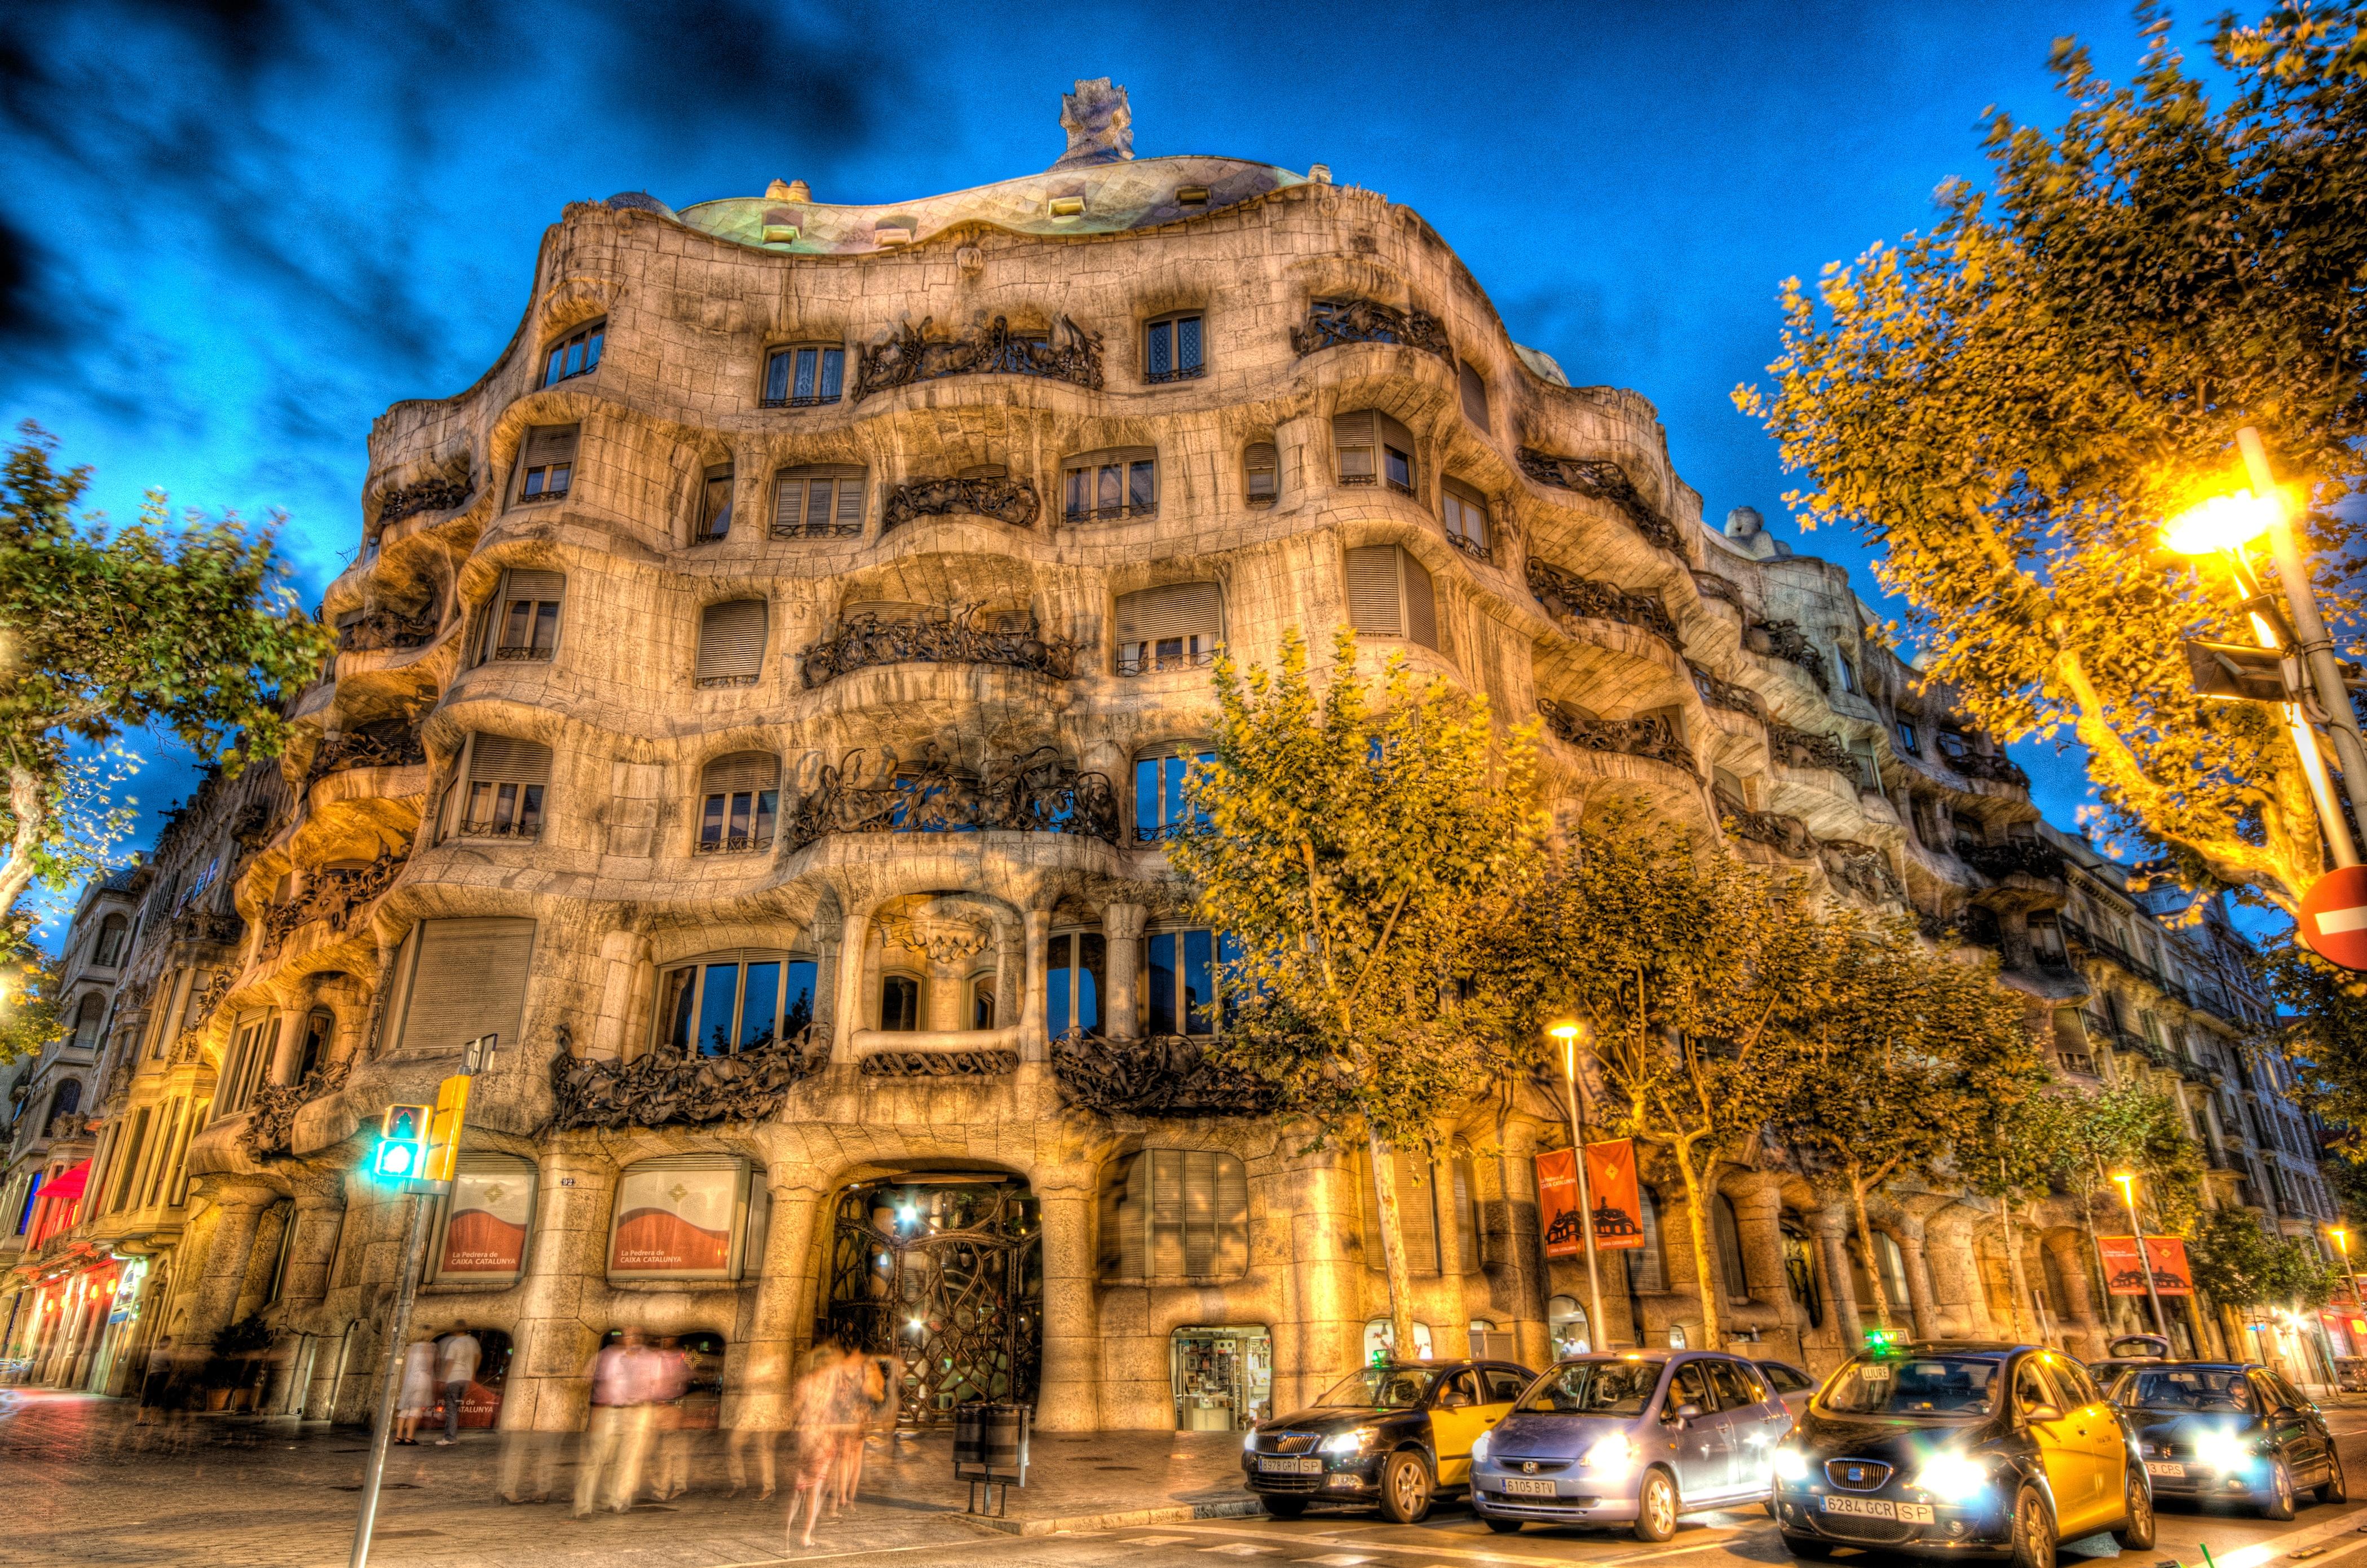 Gaudi Em Barcelona Como E Viver Na Casa Mais Famosa Do Arquiteto